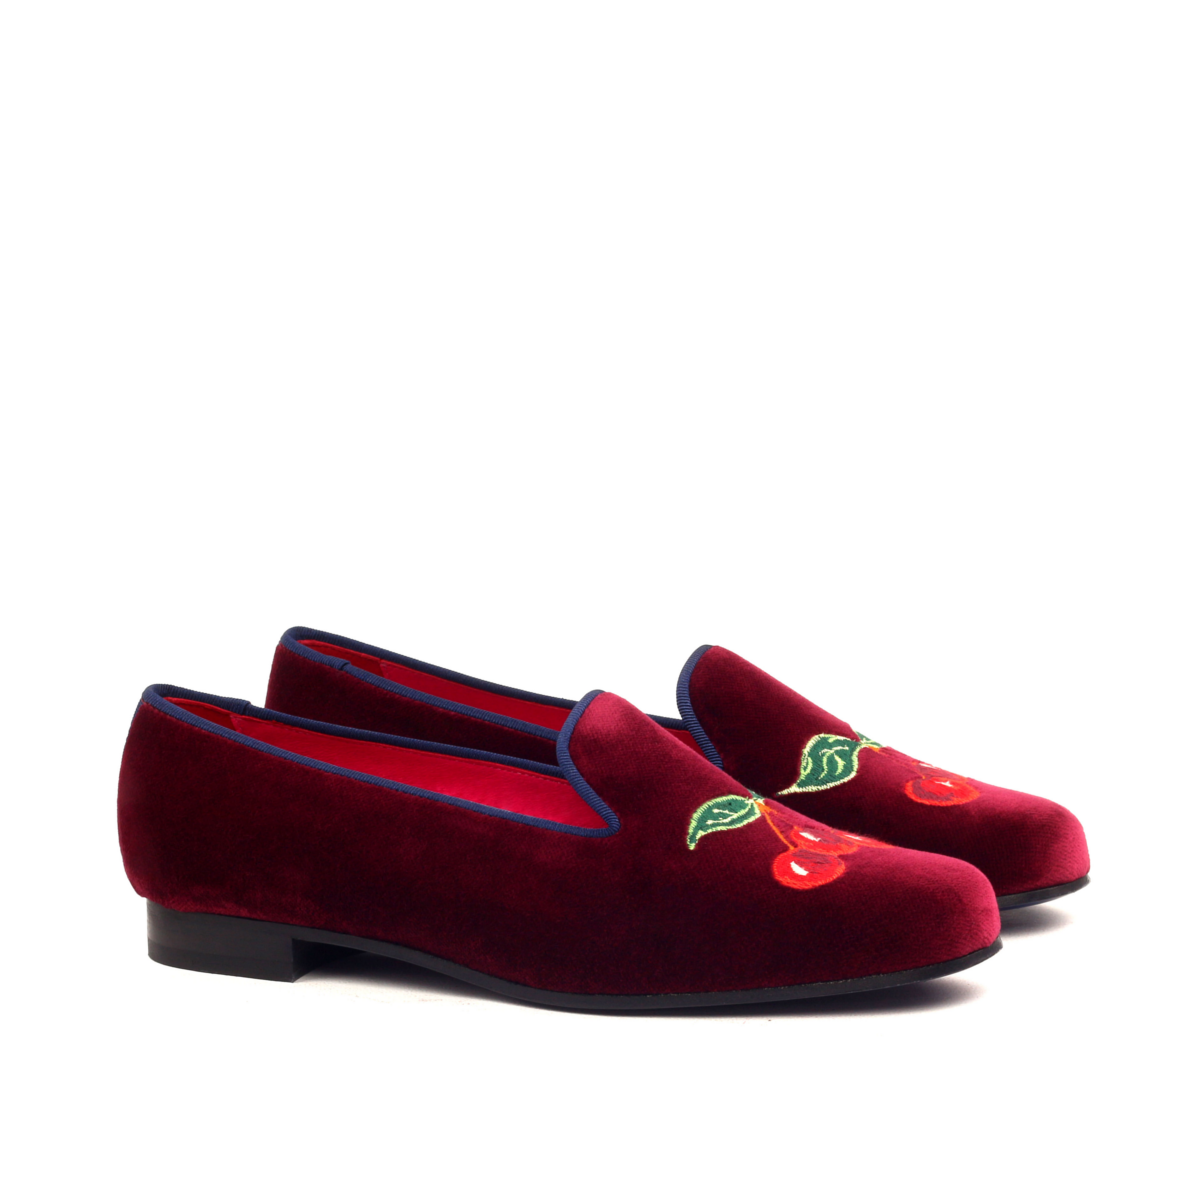 Burgundy velvet women's Slippers